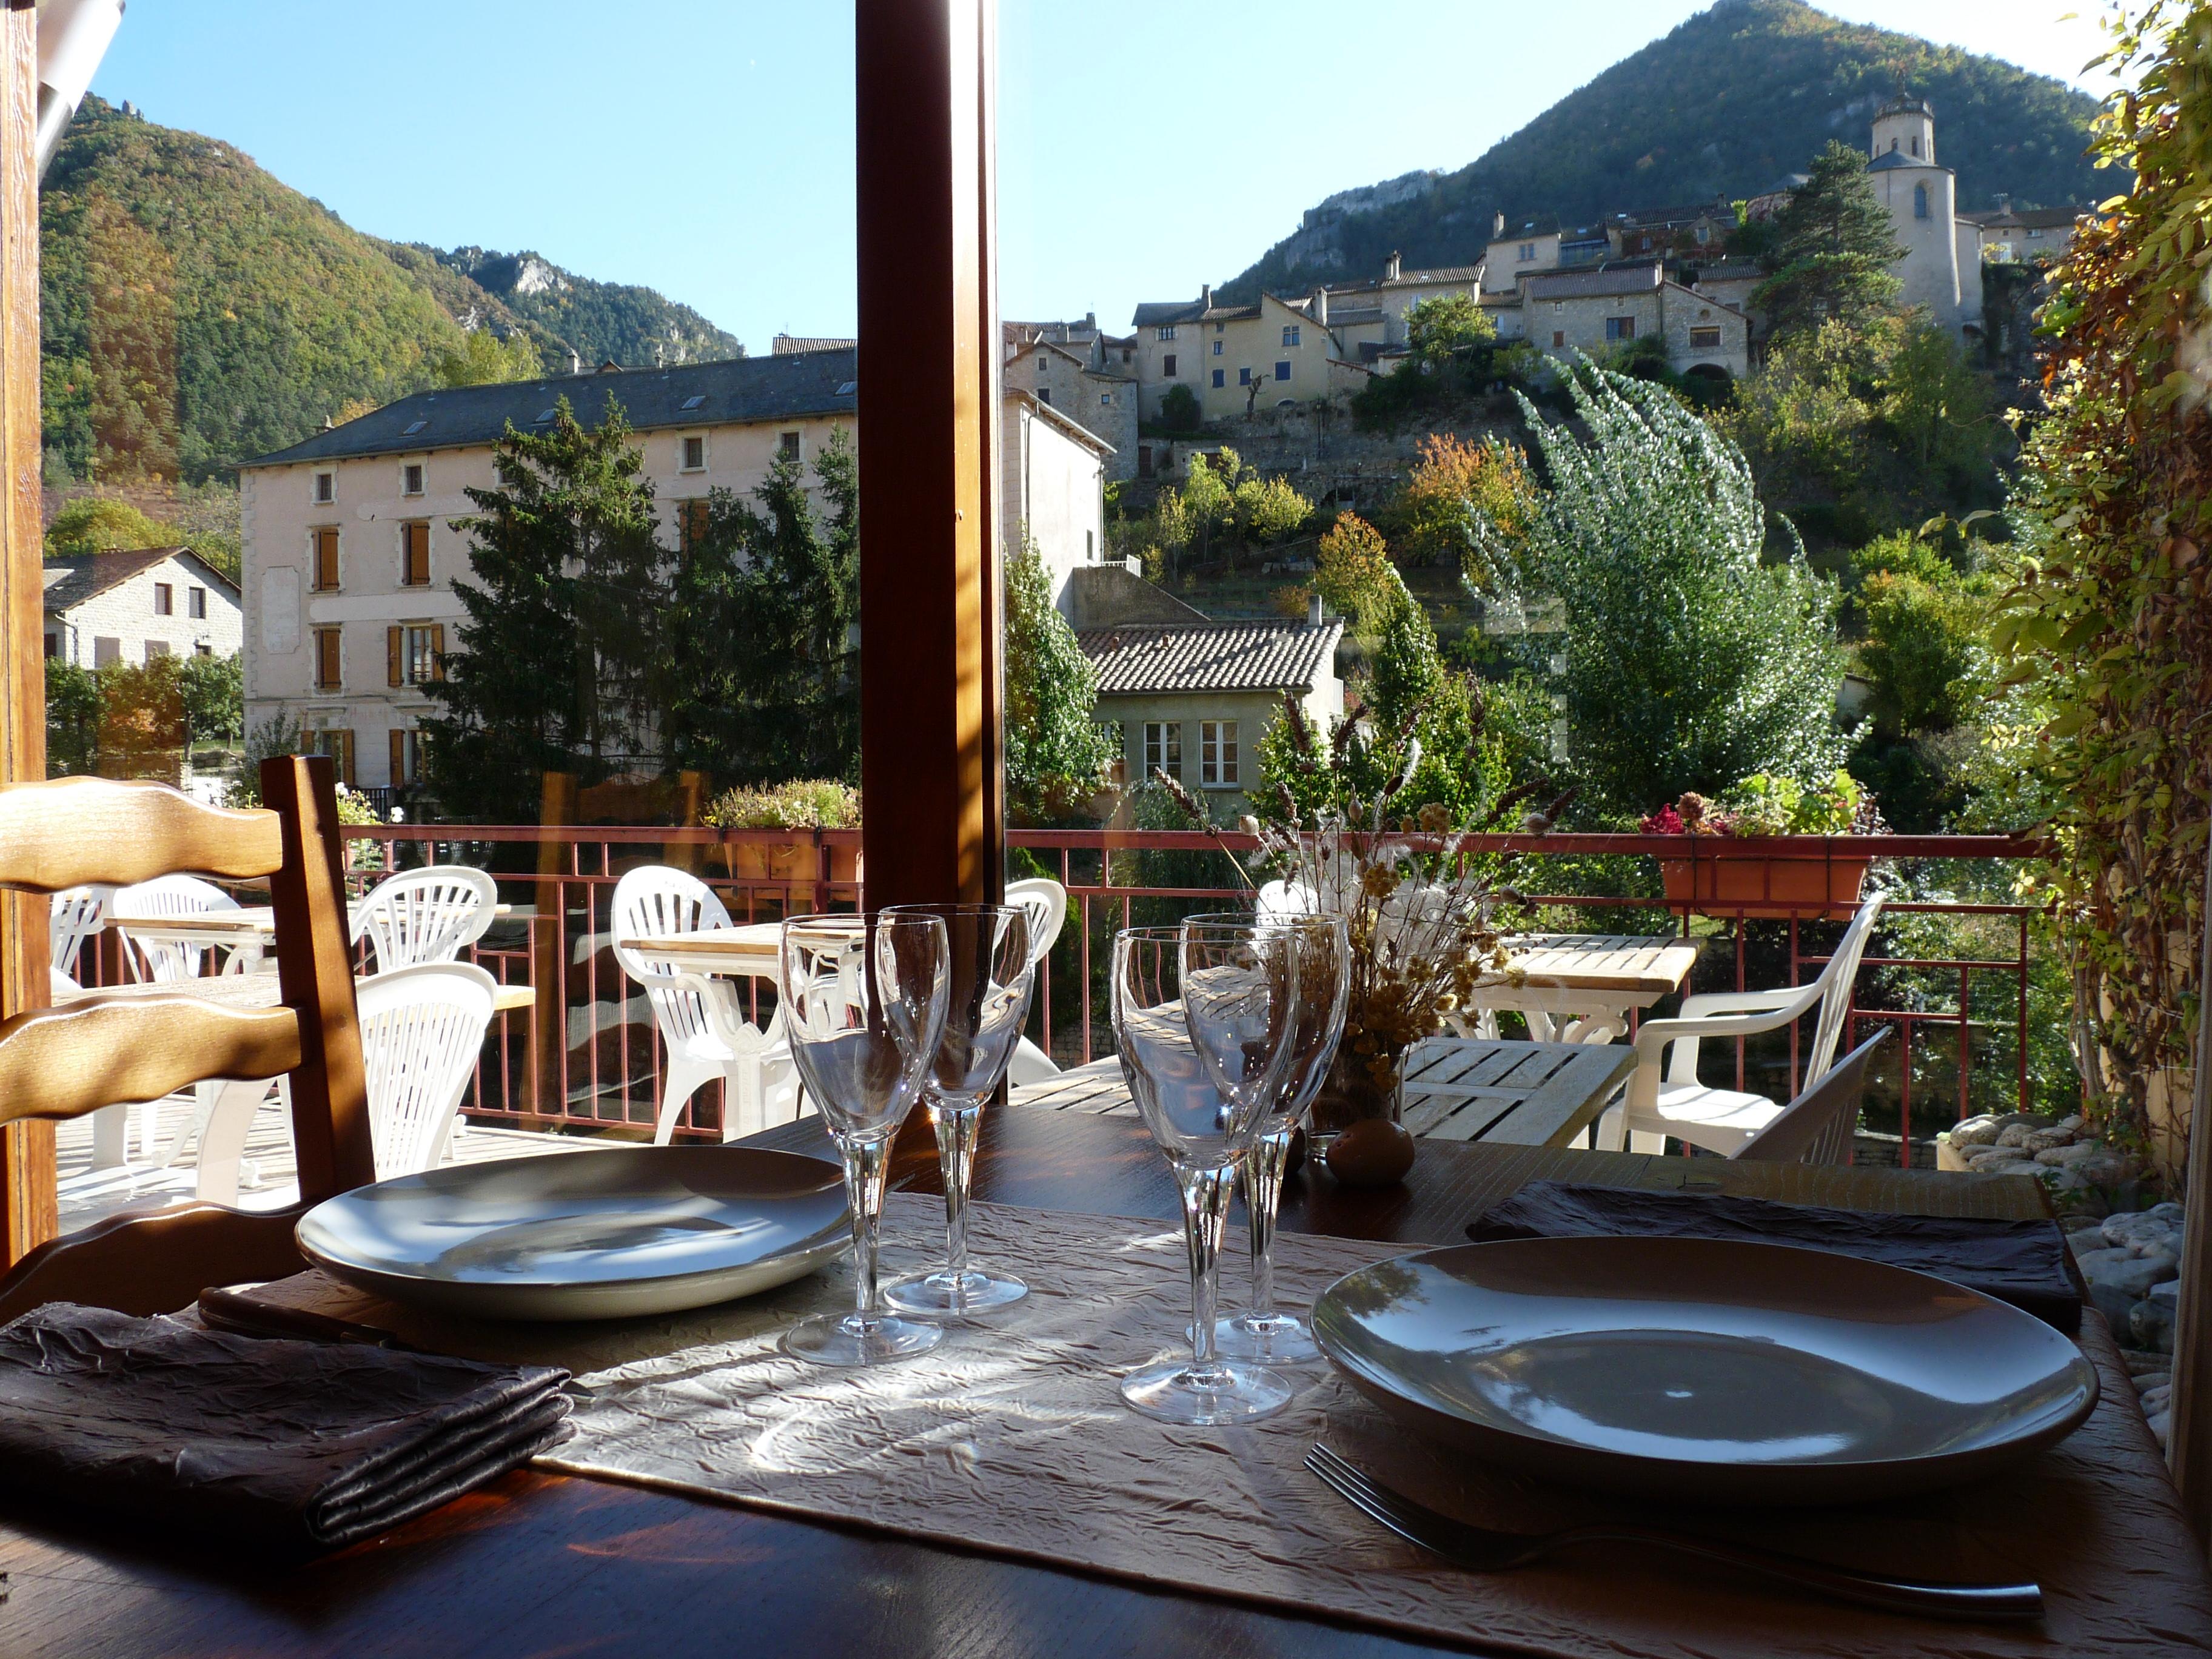 Restaurant Motteville Auberge Bois Saint Jacques